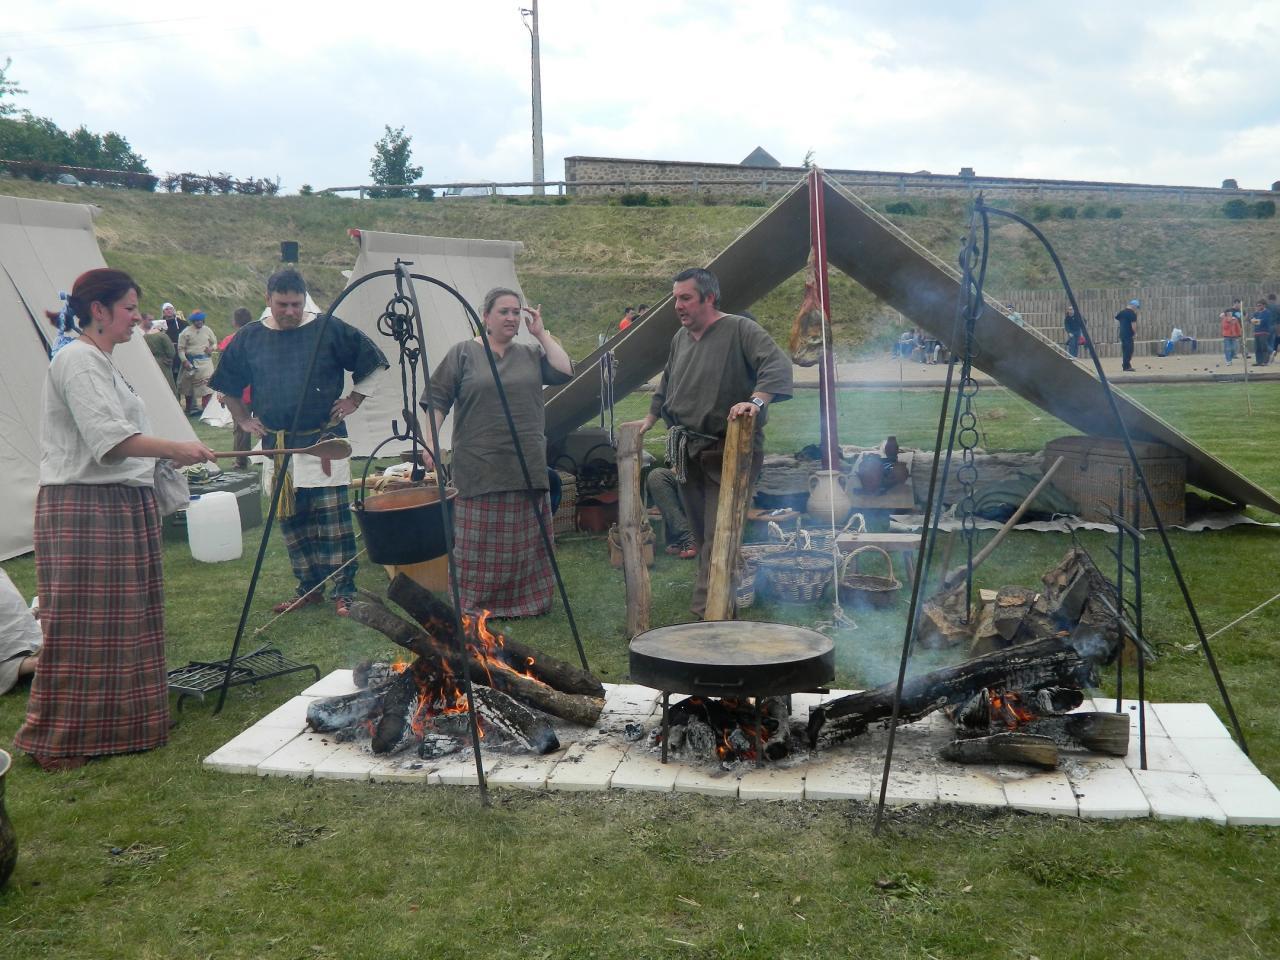 Vue du camp arverne et de la troupe - 2